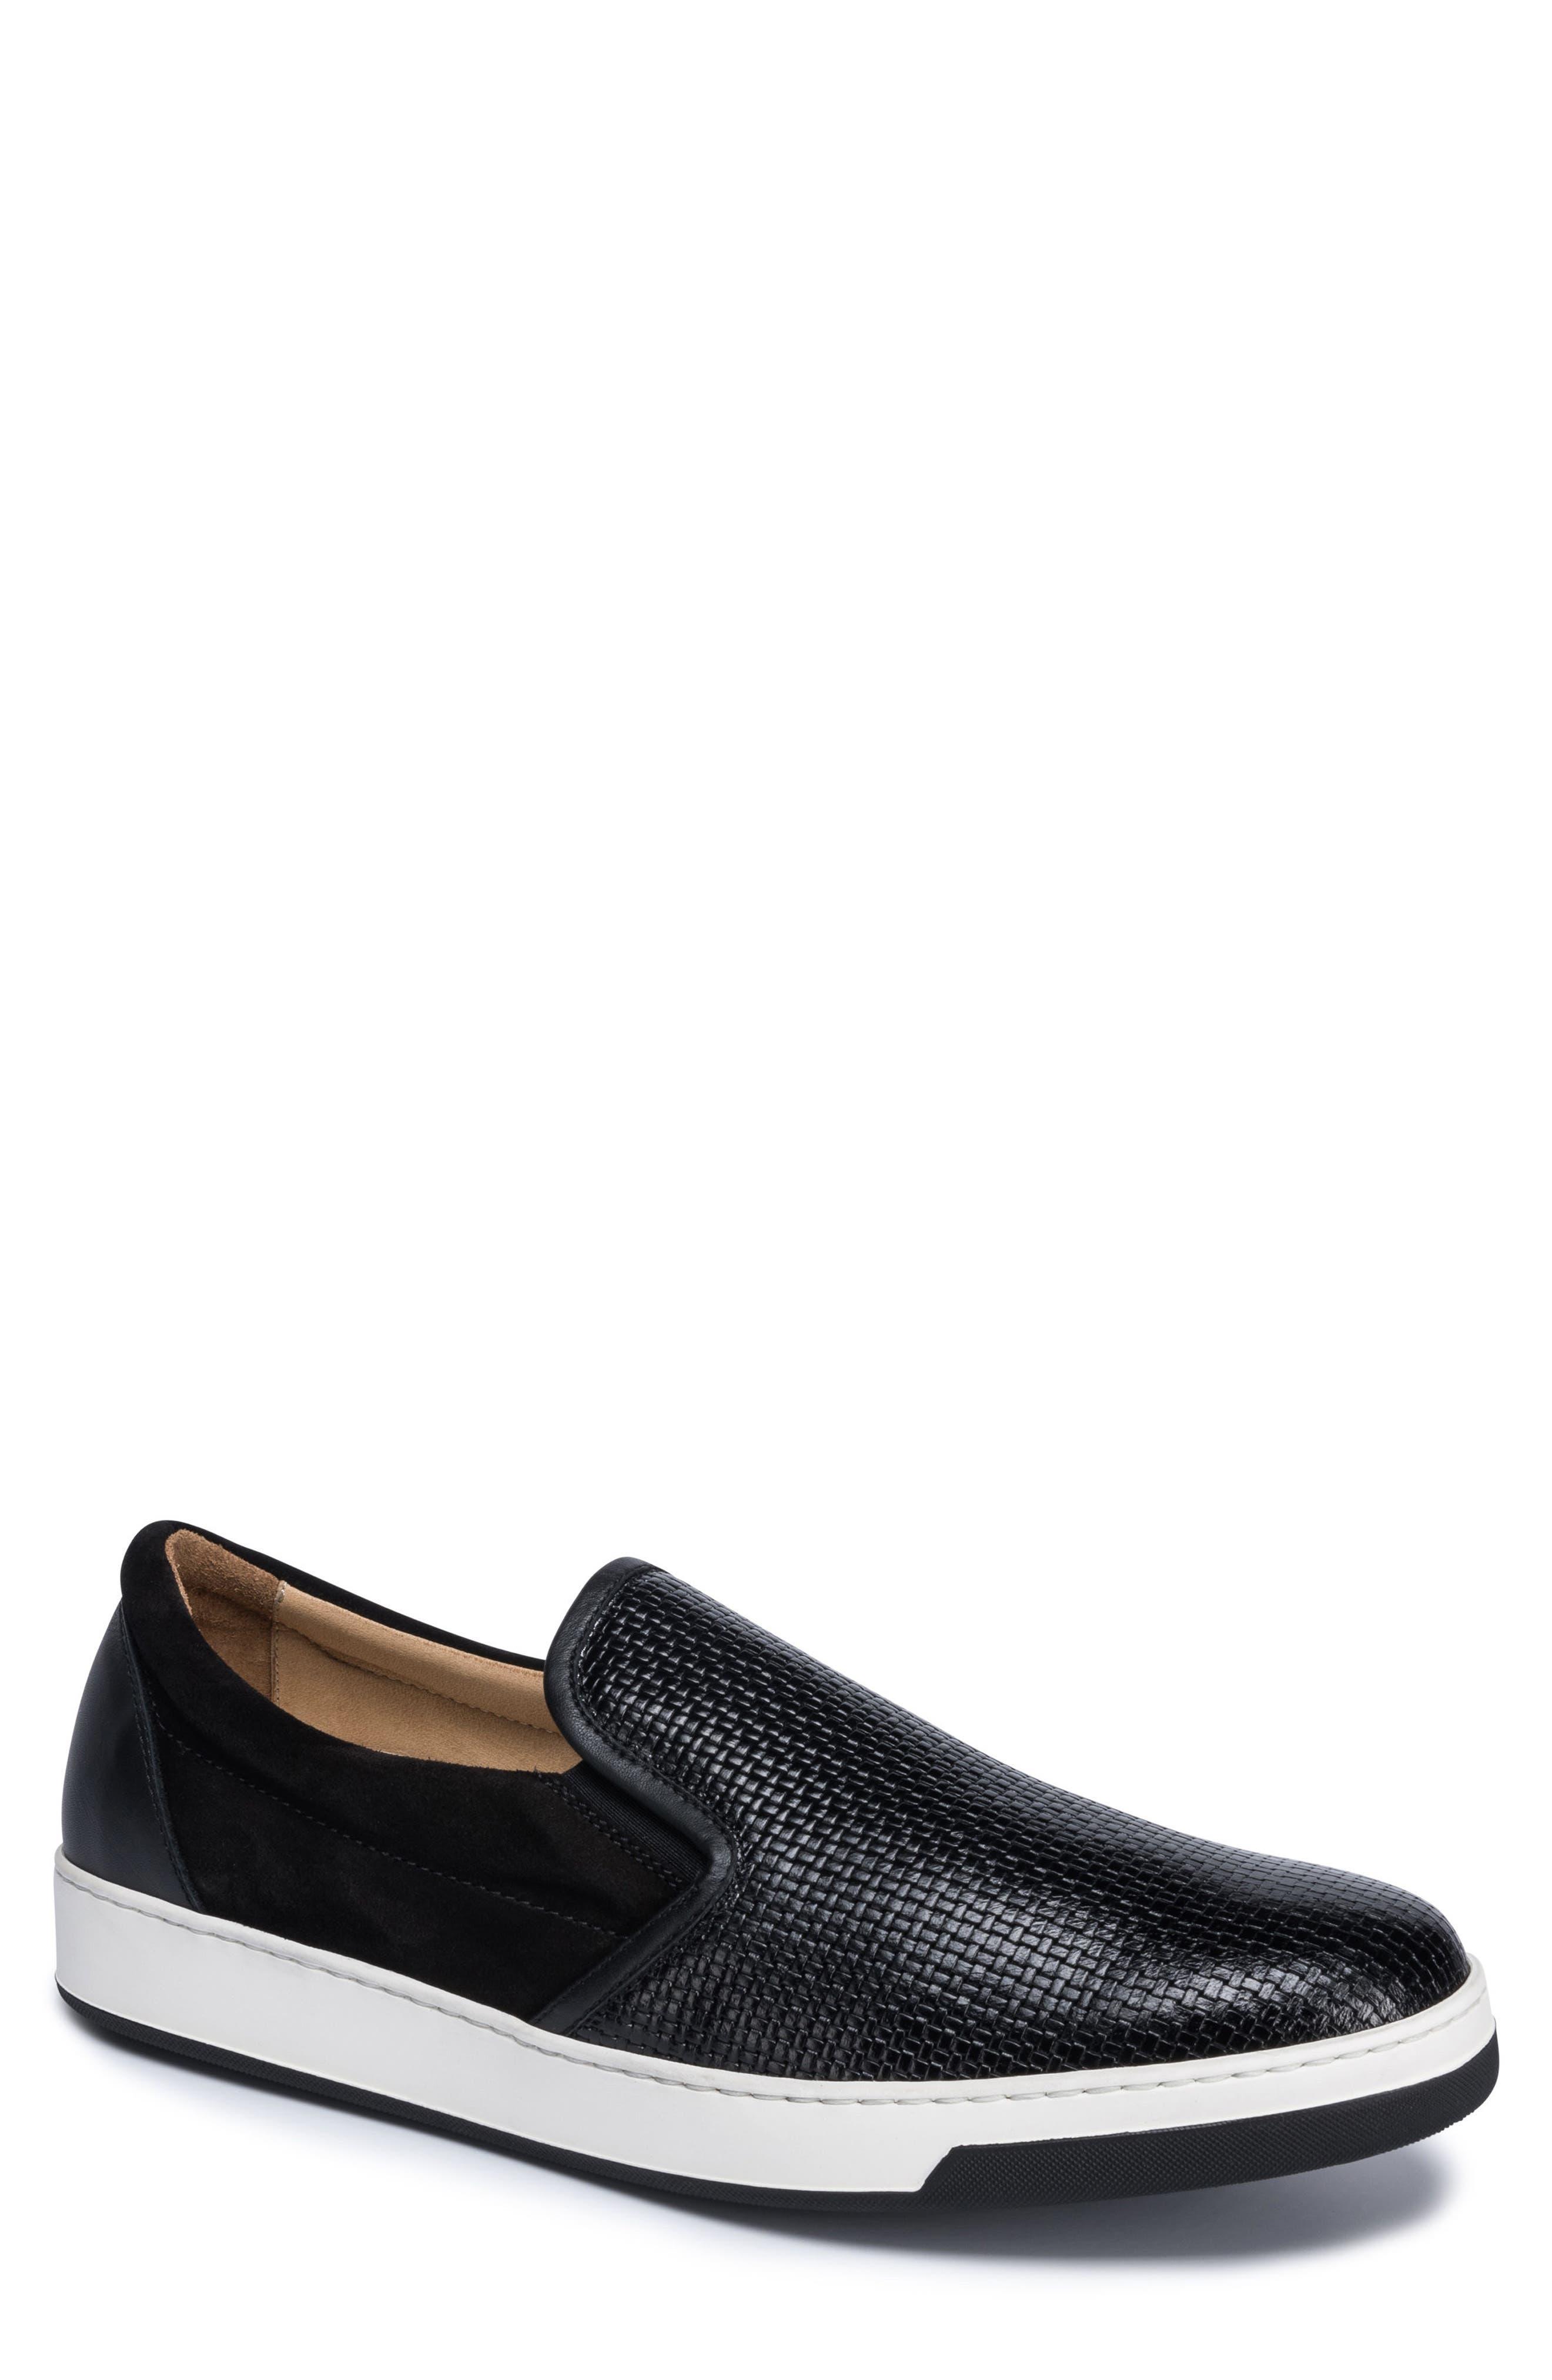 Cinque Terre Woven Slip-On Sneaker,                         Main,                         color,